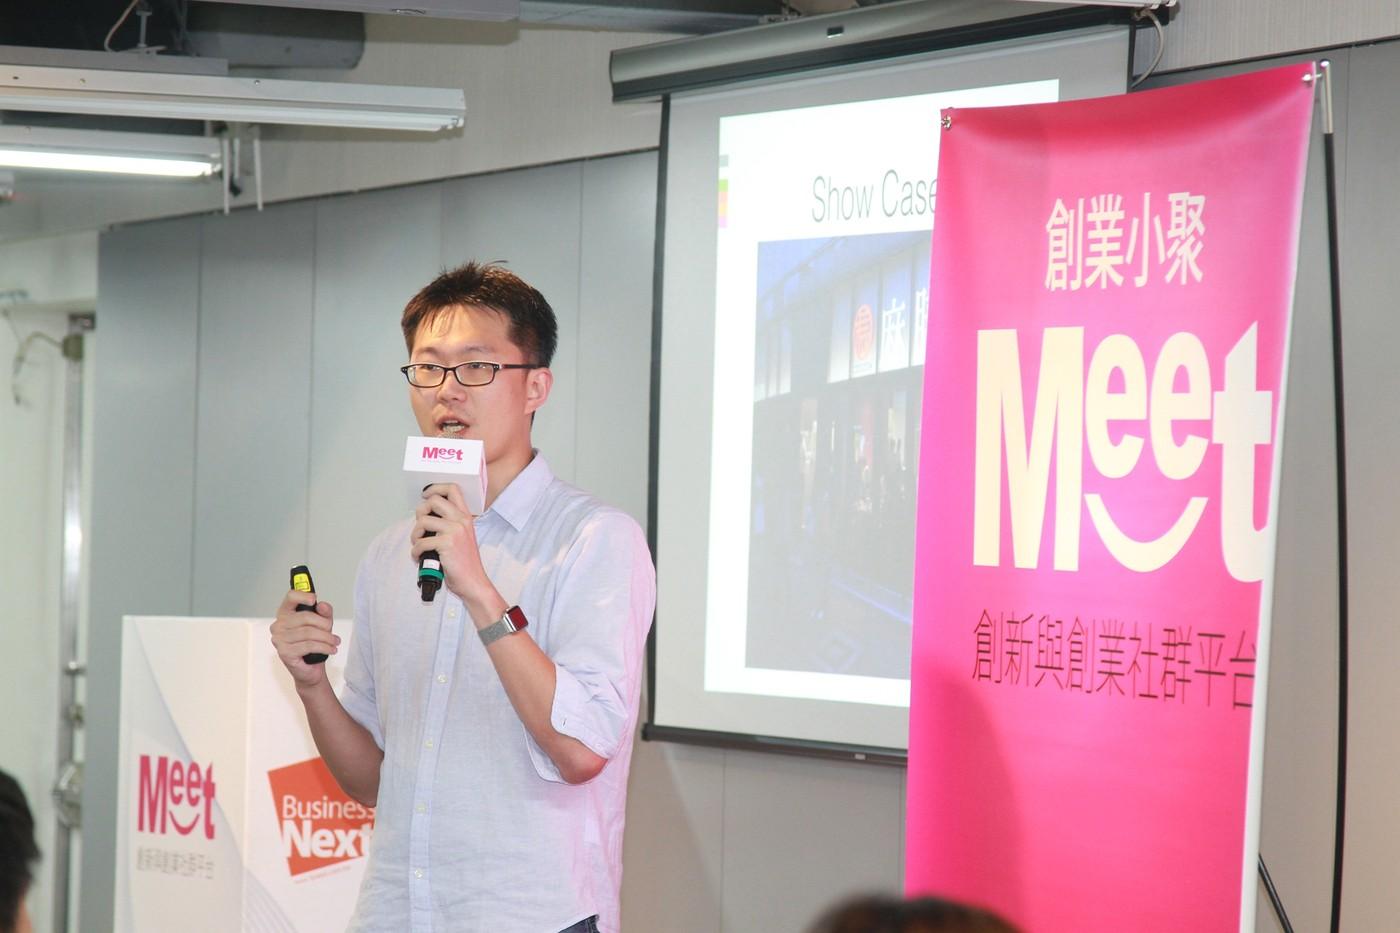 三年創業突破1,500間餐廳客戶,台灣本土團隊iCHEF學到的 10 大創業感悟